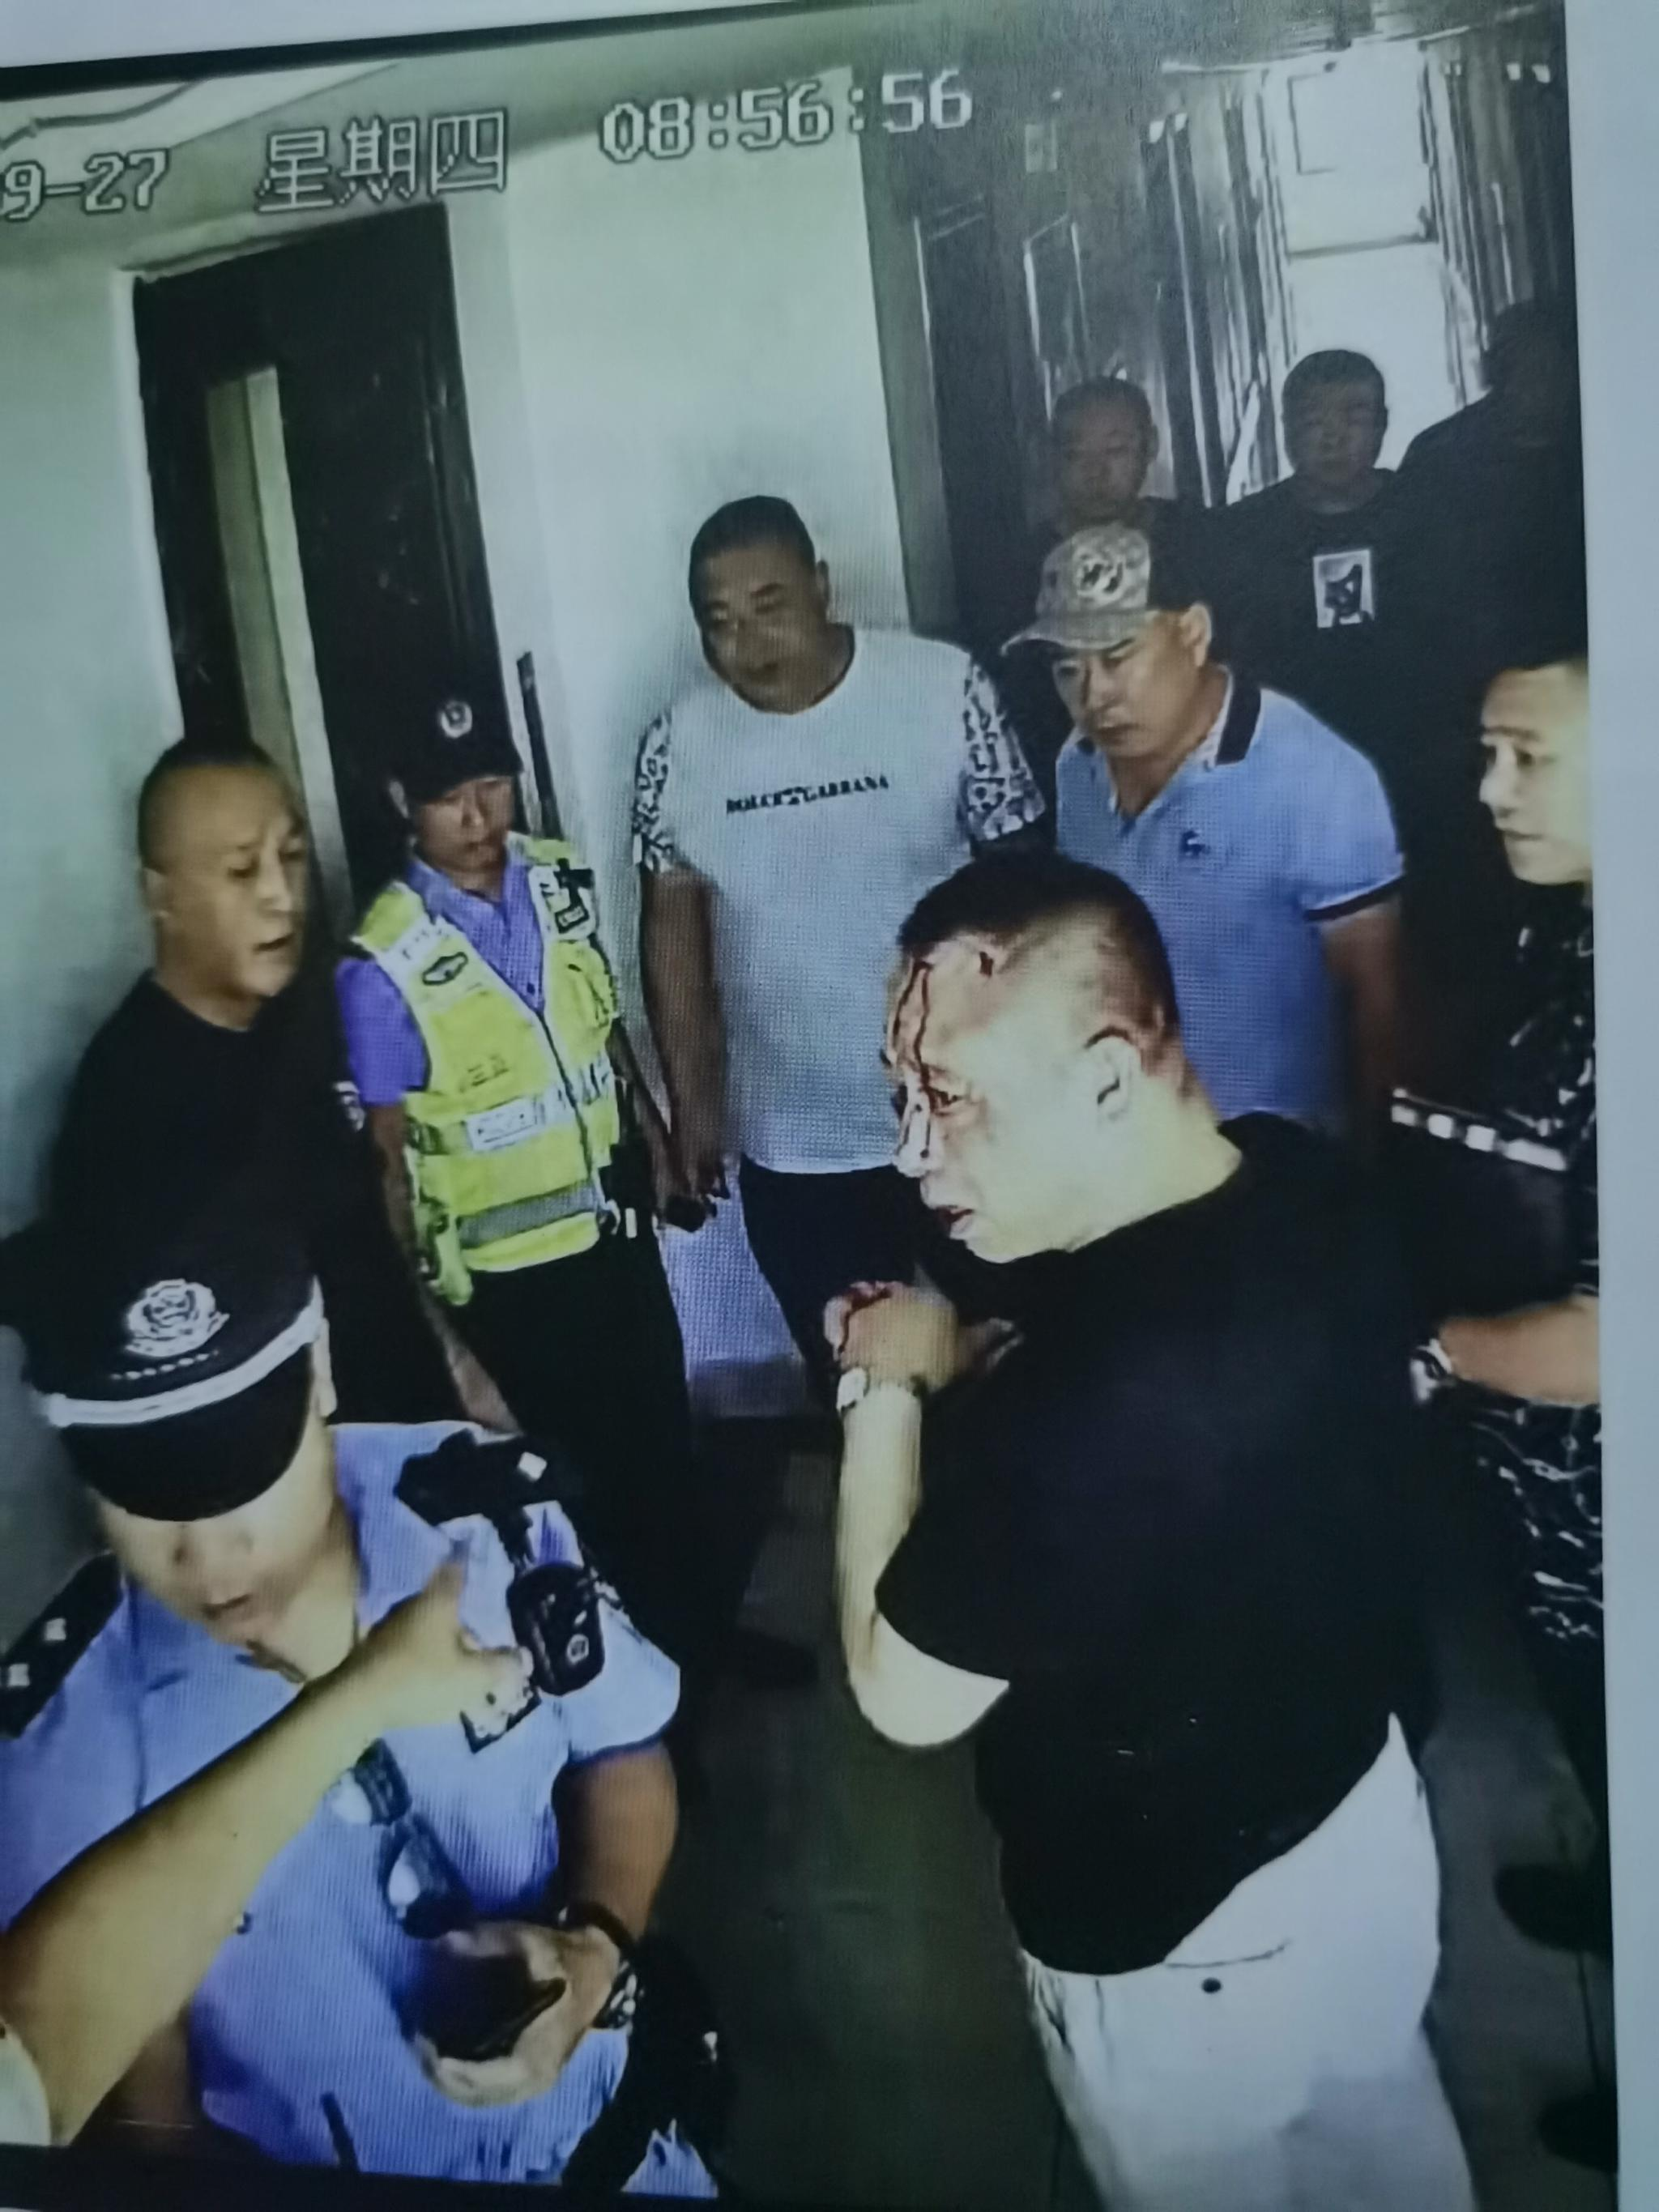 海南四保安遭诬陷续:诬陷者曾杀人,服刑4年多假释出狱